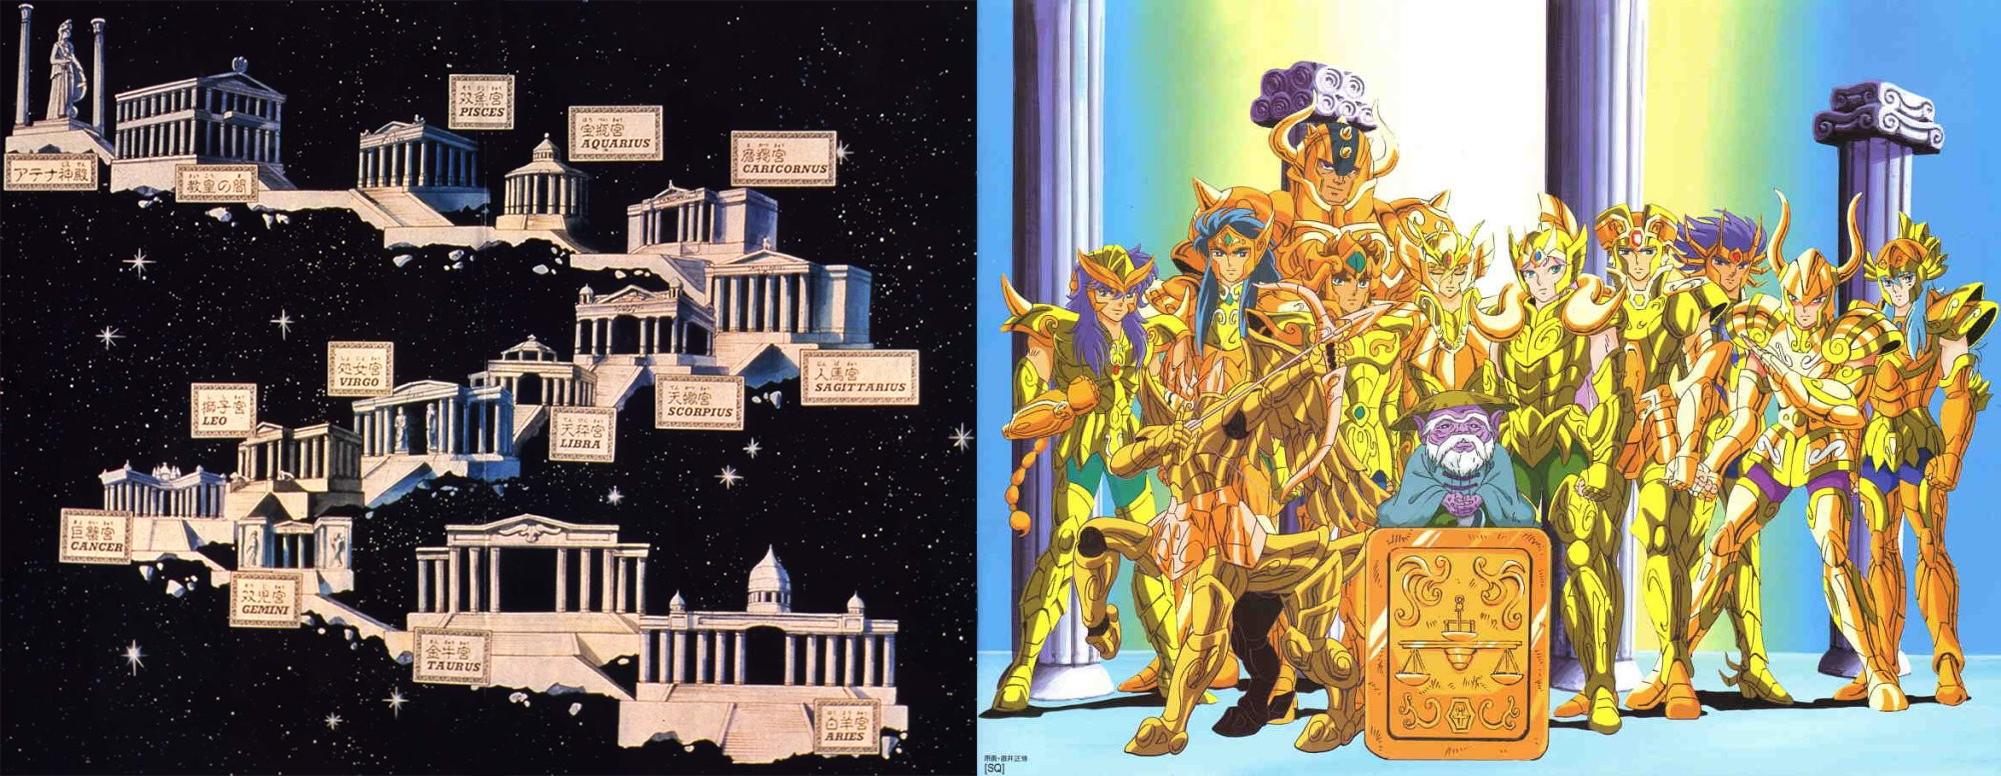 Santuario 12 casas cavaleiros de ouro